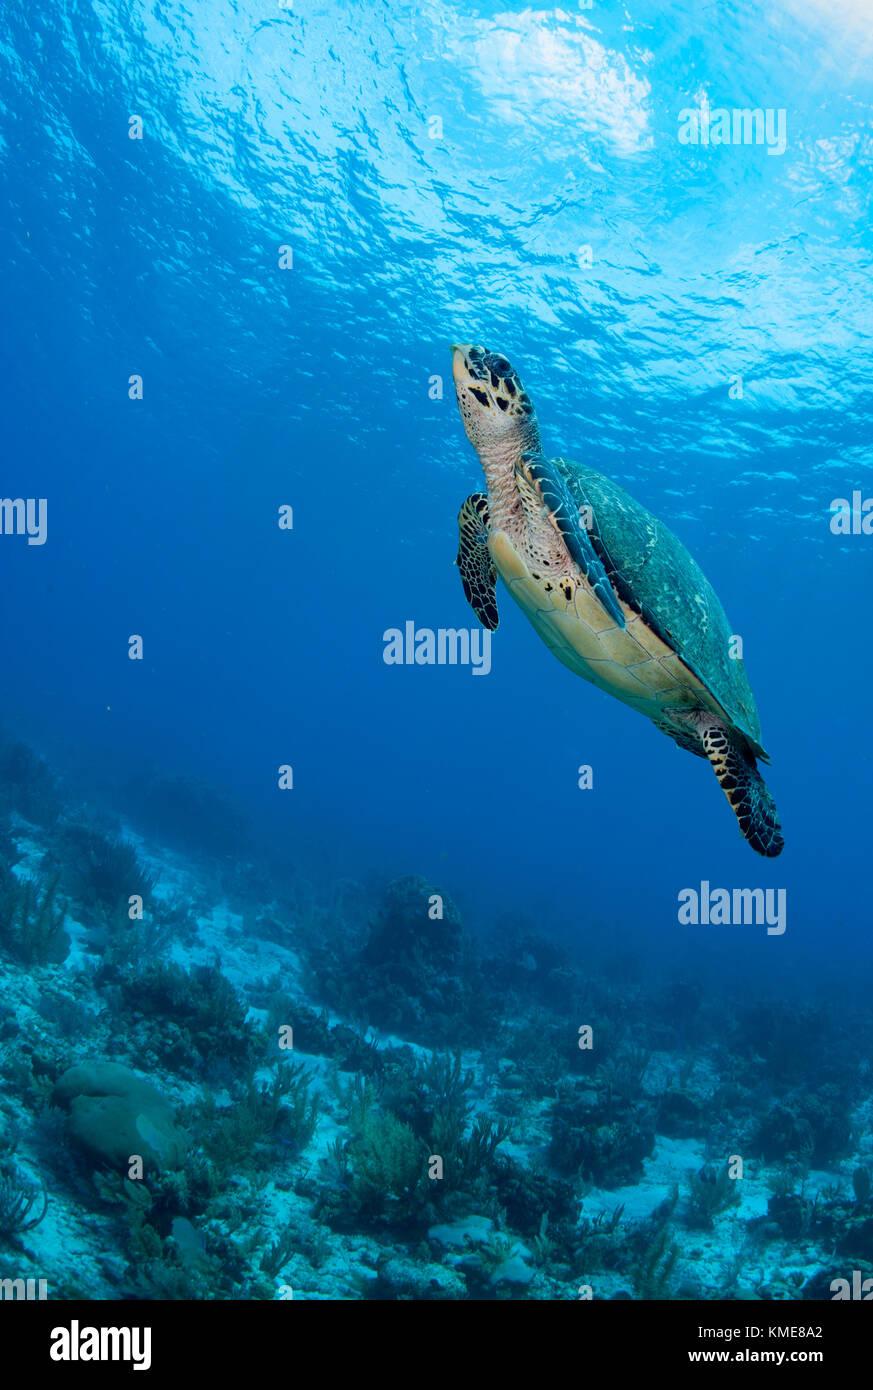 La tortuga carey, Glover's Reef Atoll Foto de stock